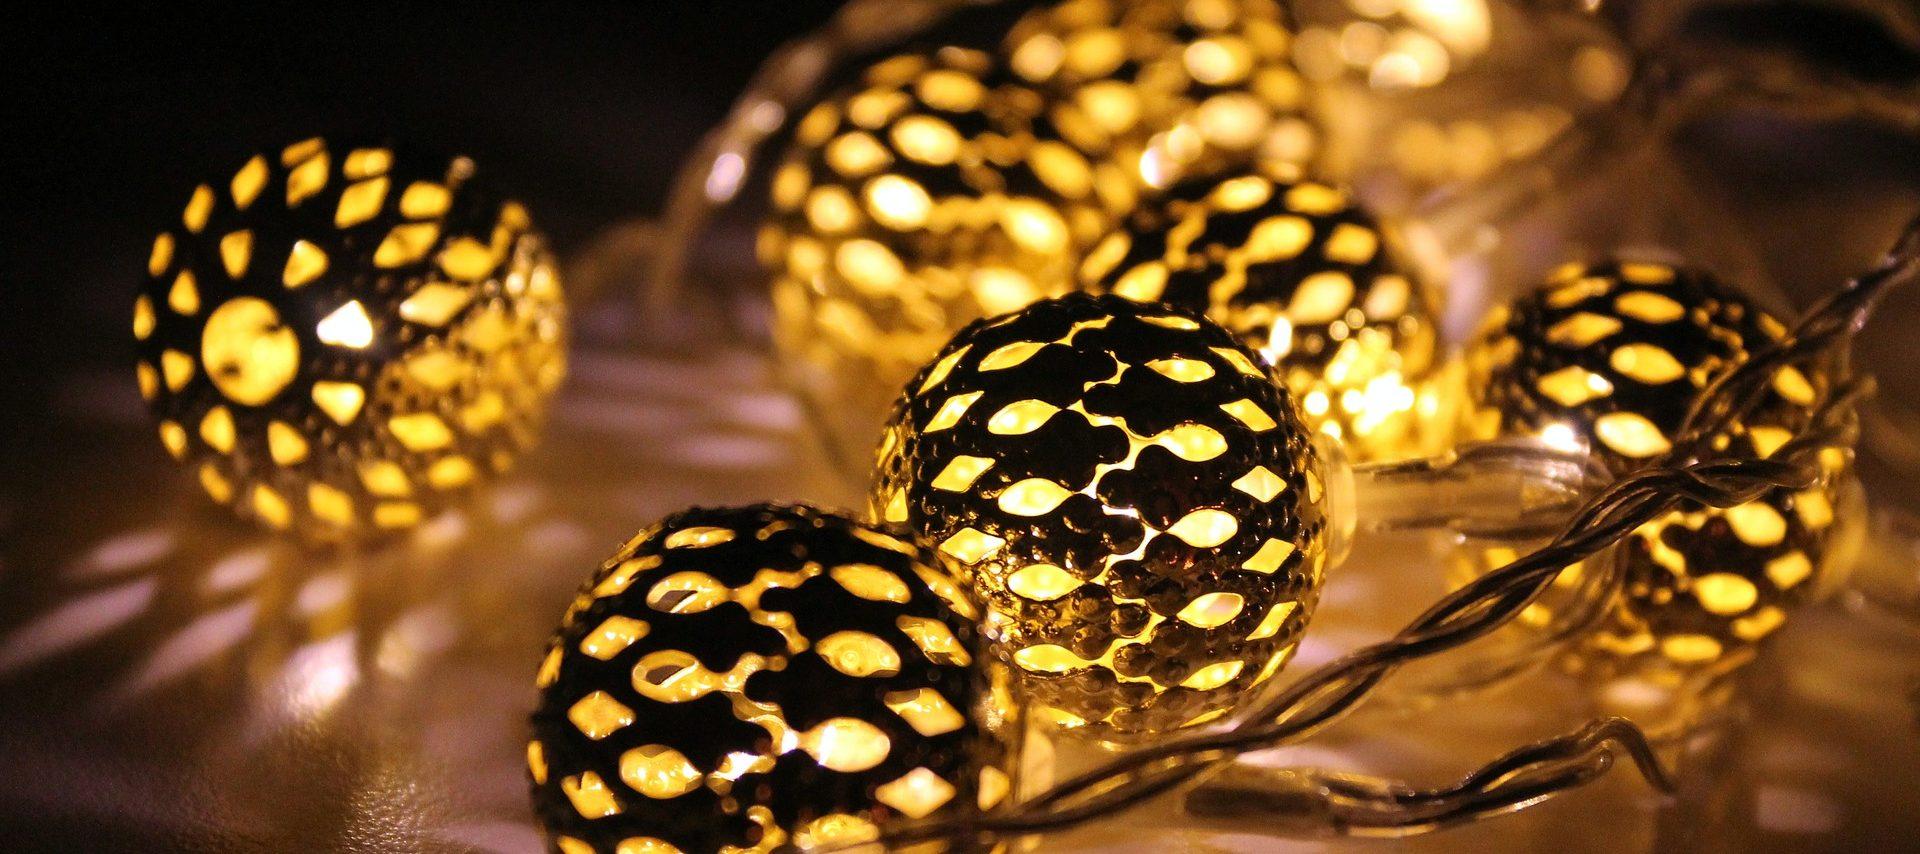 Les Départements célèbrent les fêtes de fin d'année !